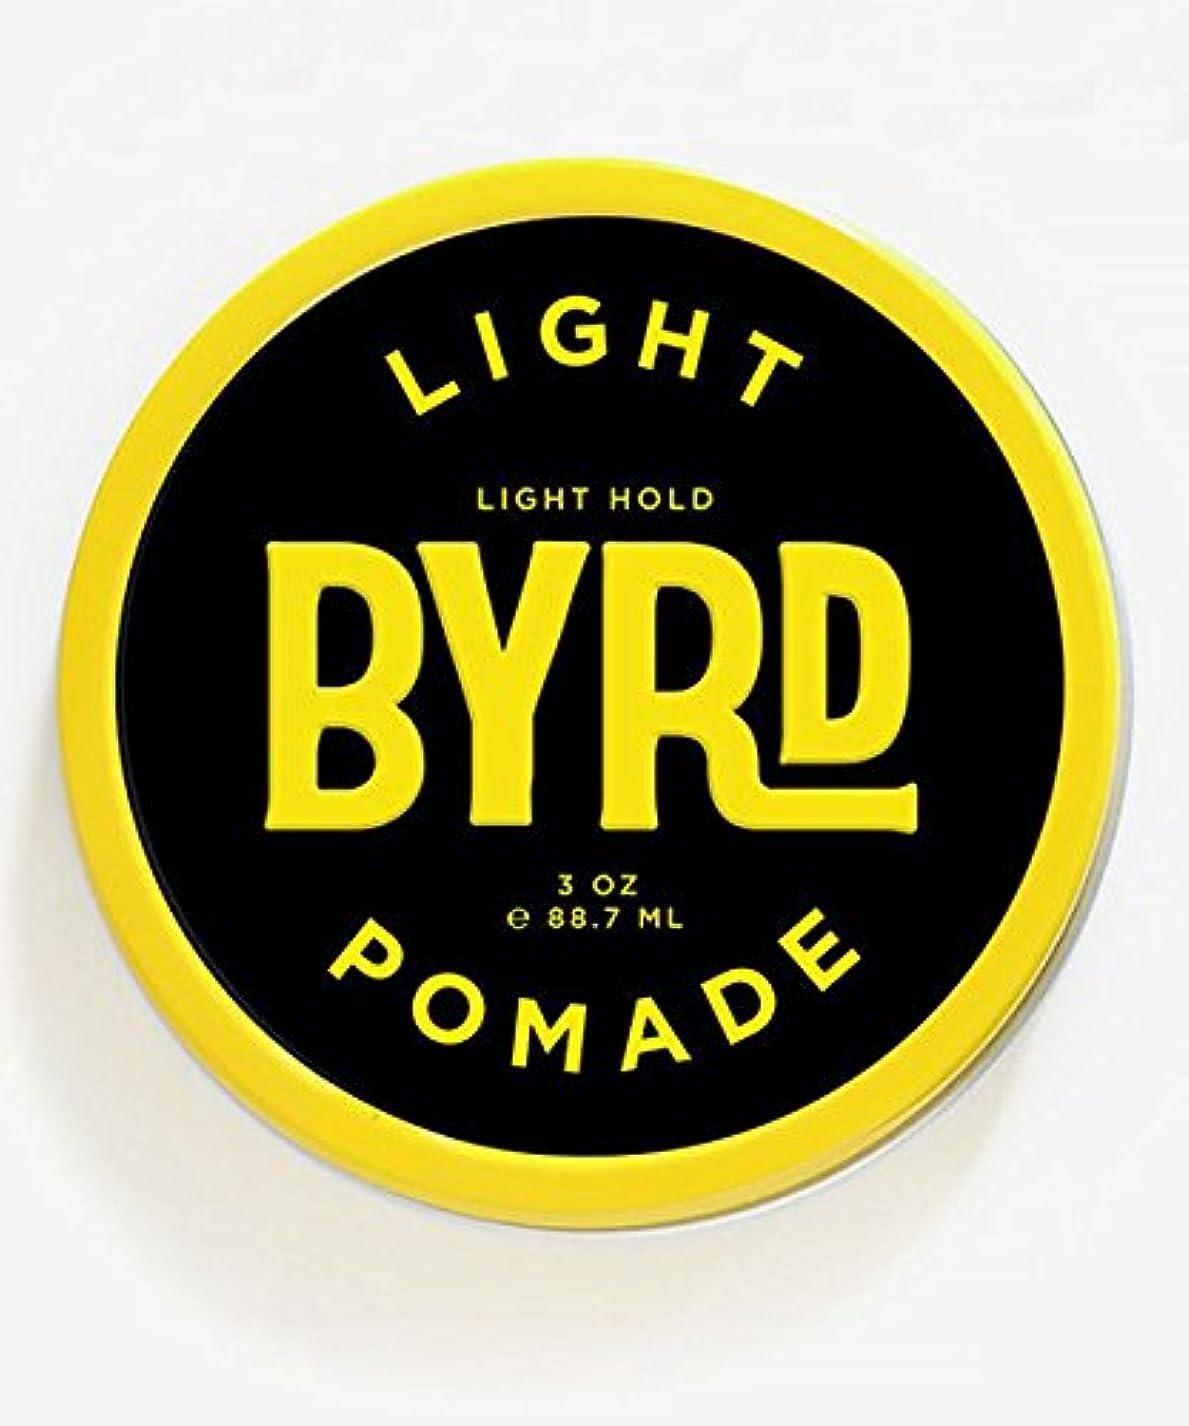 に渡って行為比較的BYRD(バード) ライトポマード 95g